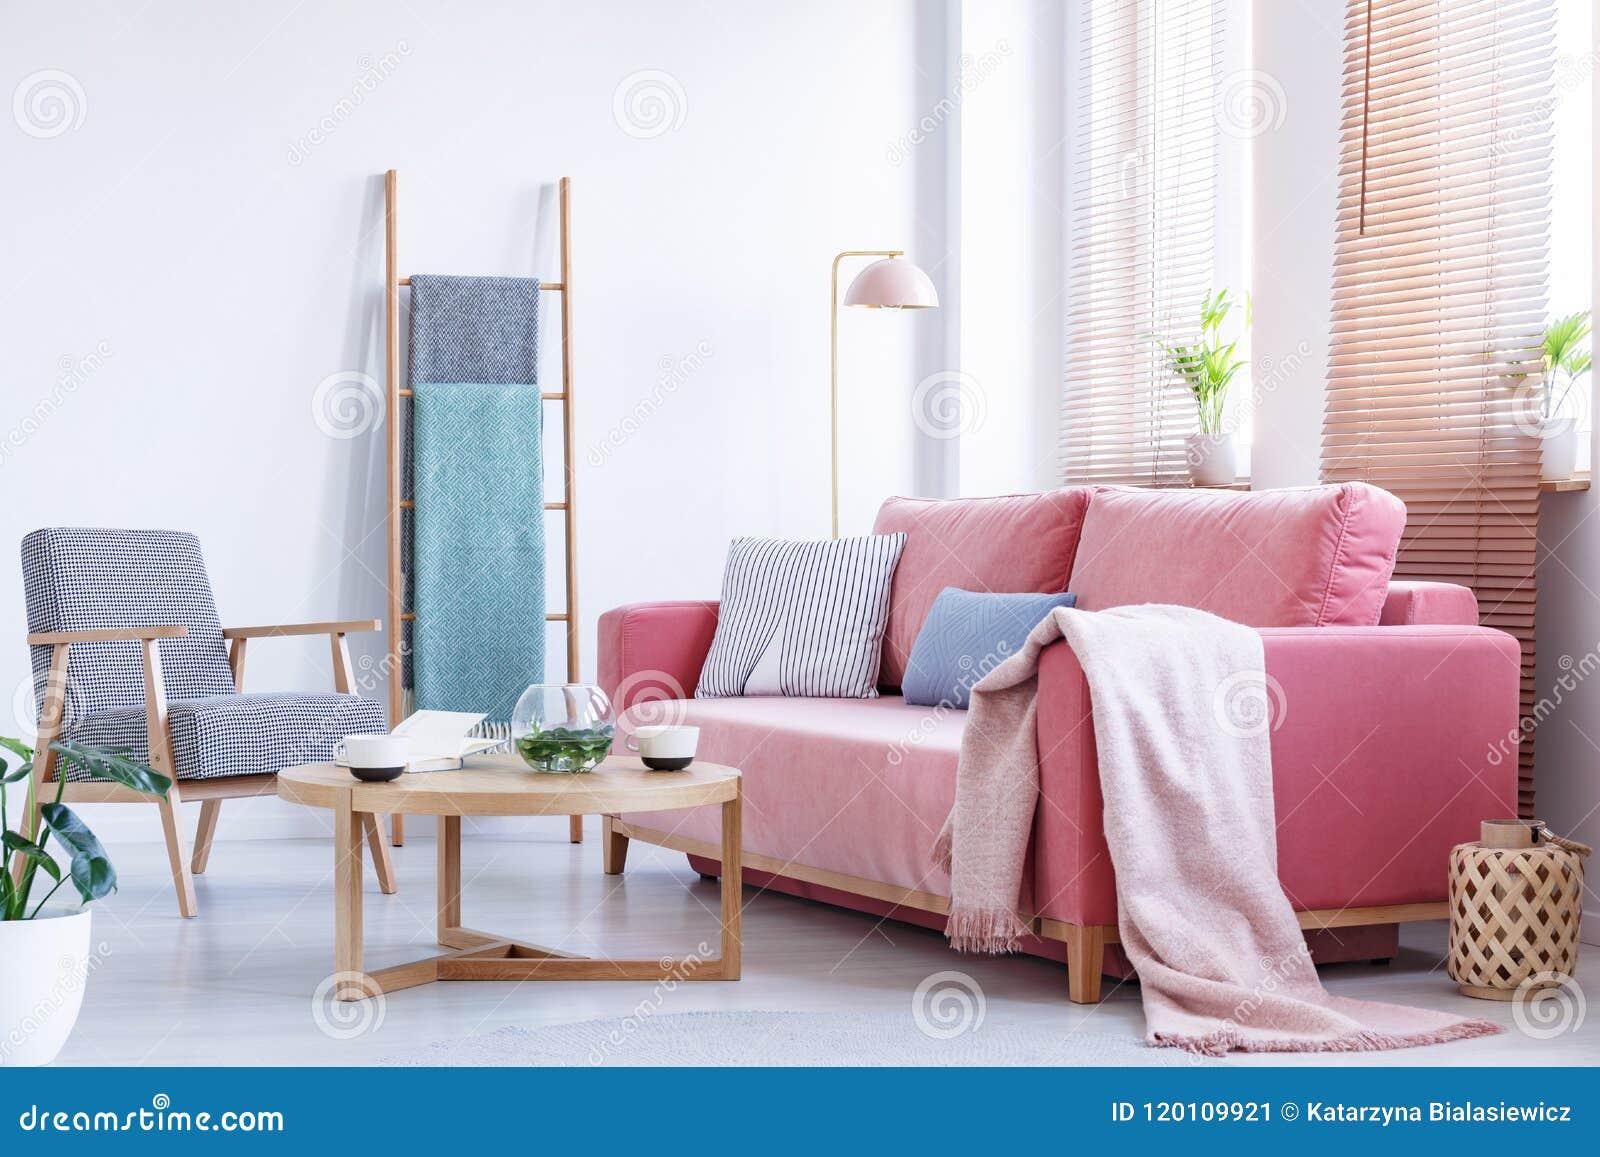 Πραγματική φωτογραφία ένας ρόδινος καναπές με τα μαξιλάρια και κάλυμμα που στέκεται στο α